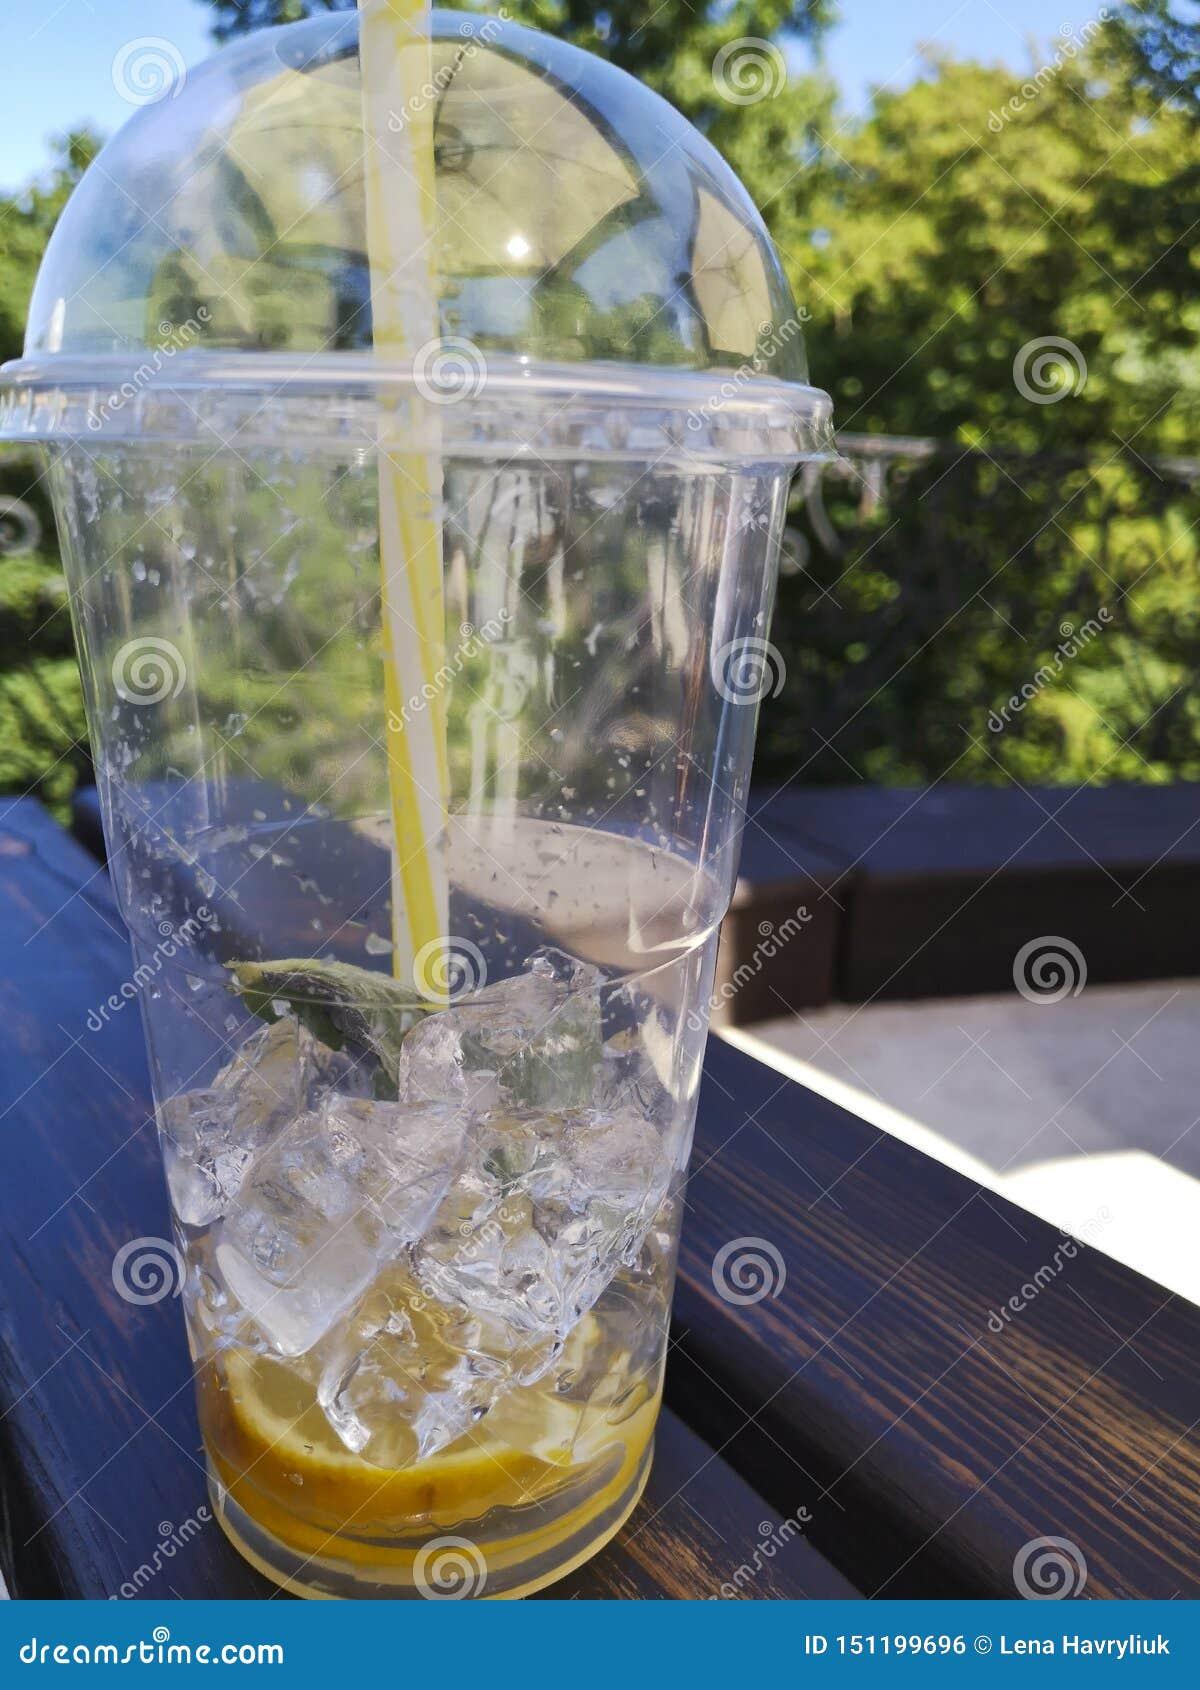 Copo plástico com os restos da limonada na tabela fora